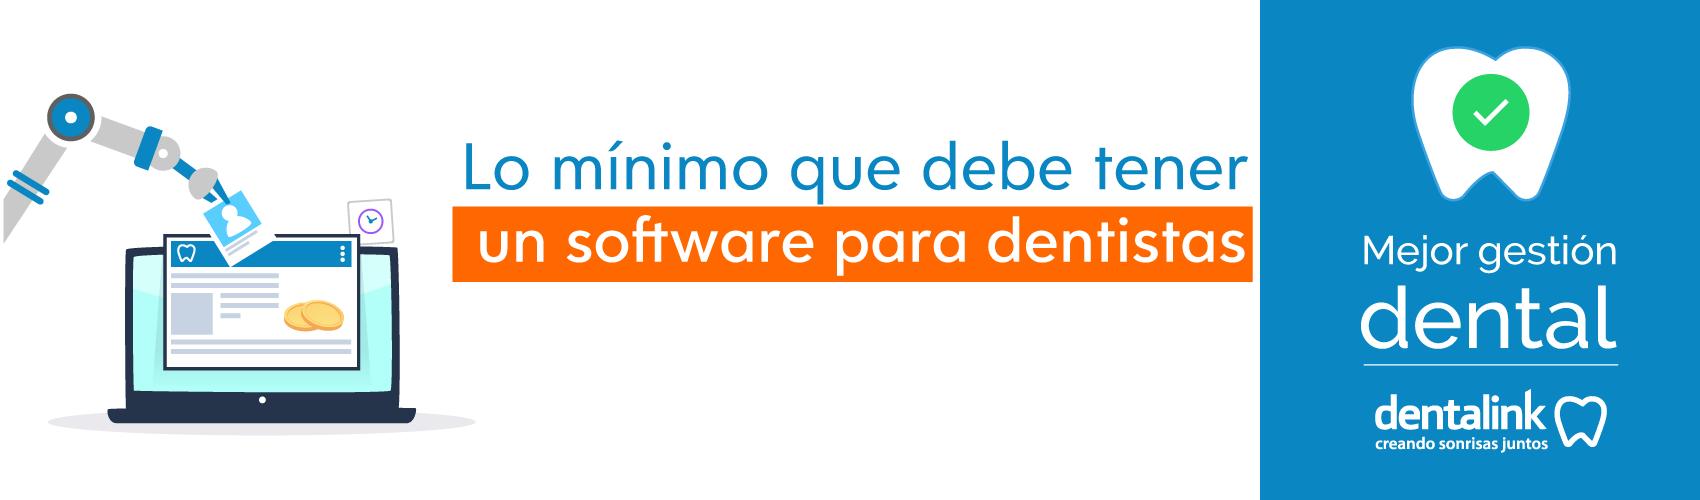 ¿Qué es lo mínimo que debe tener un software para dentistas?